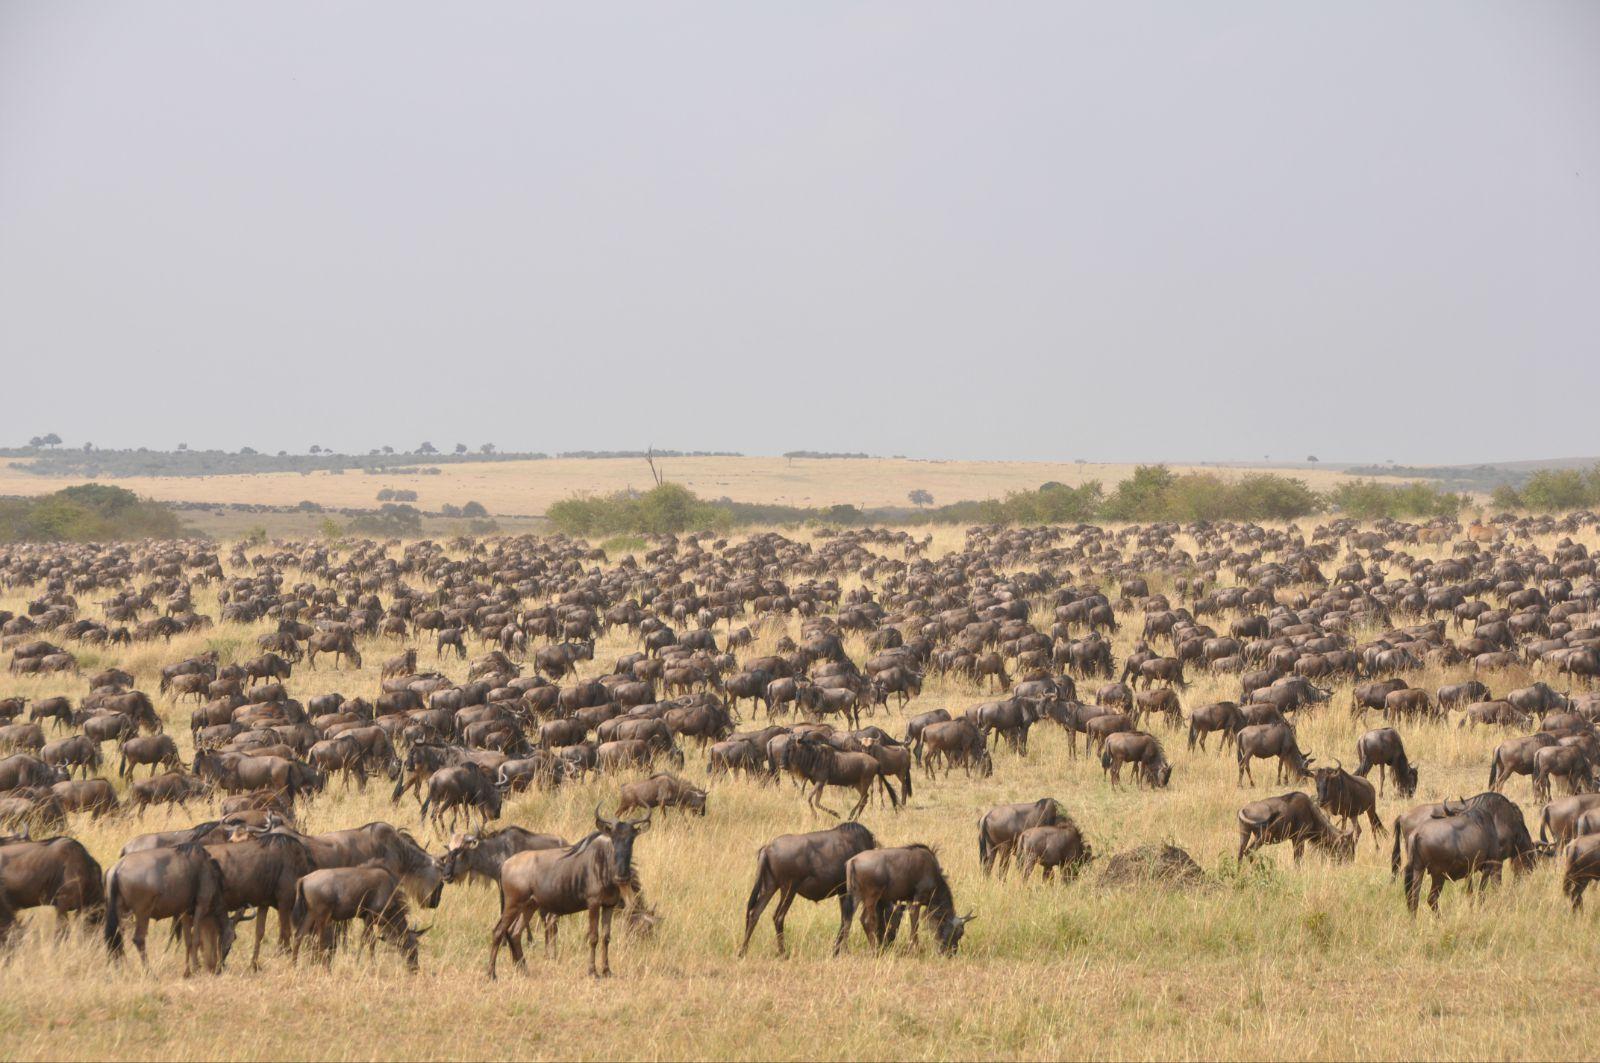 肯尼亚动物大迁徙